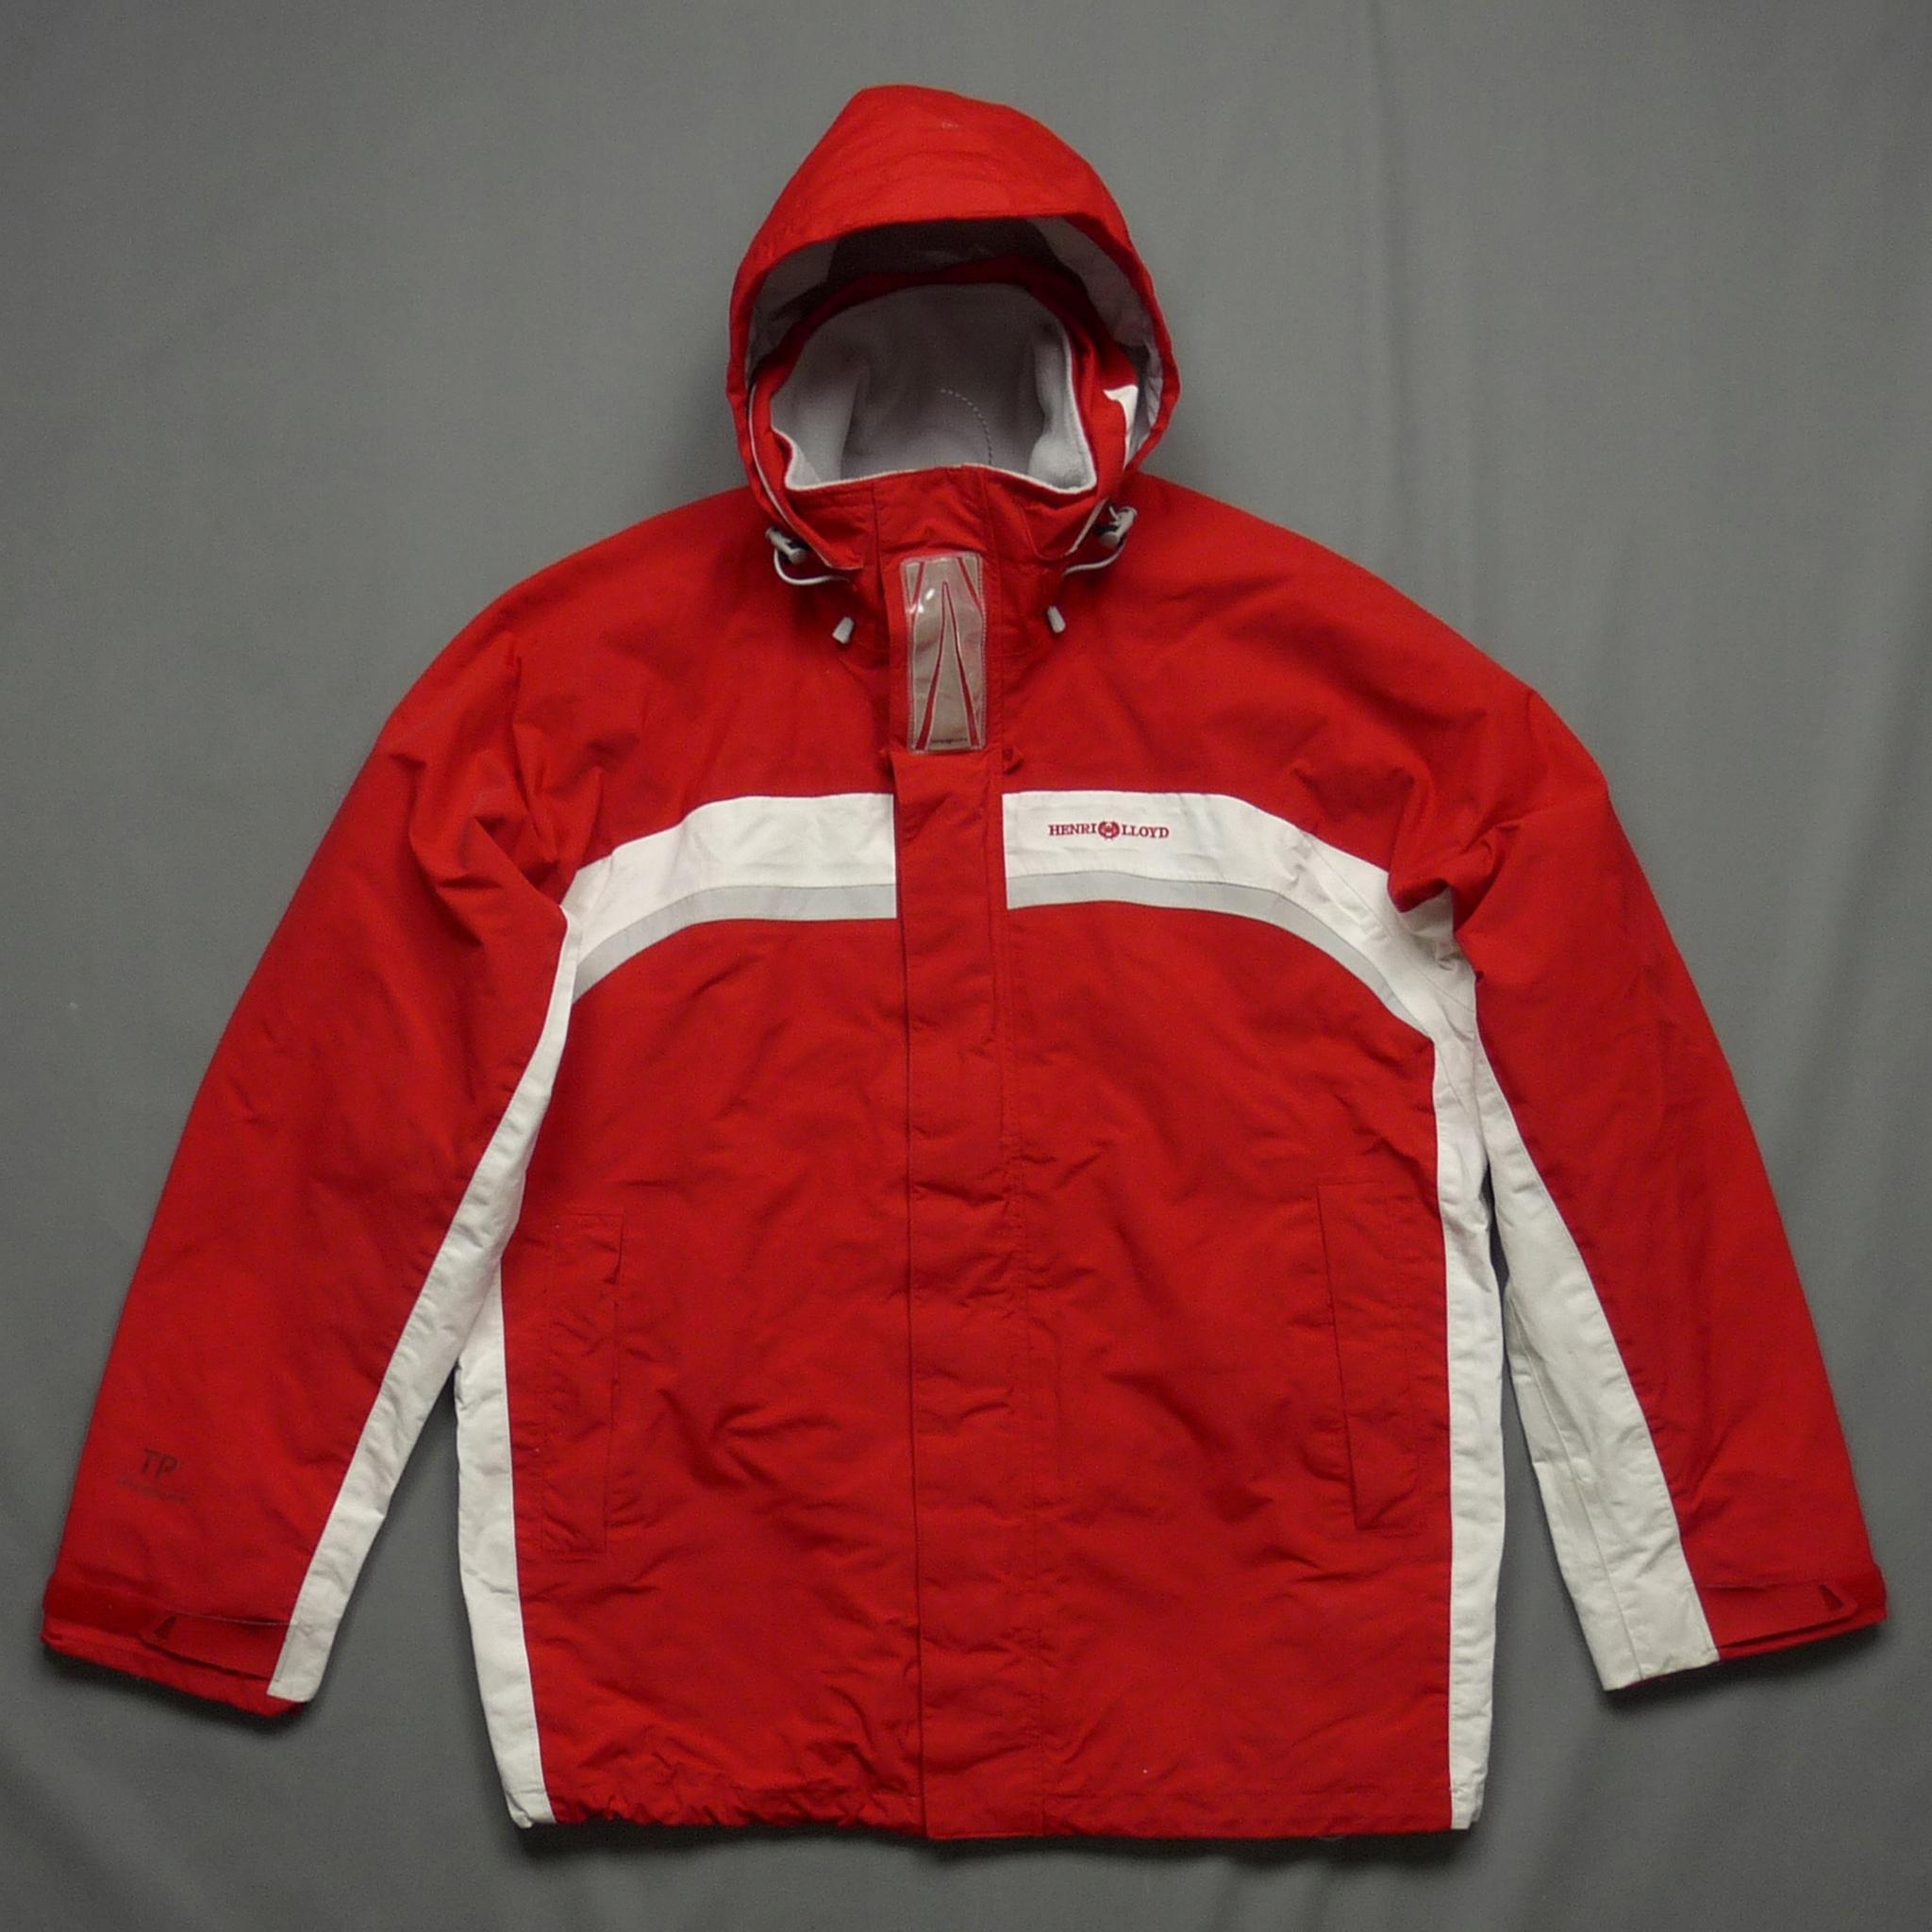 HENRI LLOYD czerwona kurtka sztormiak premium L